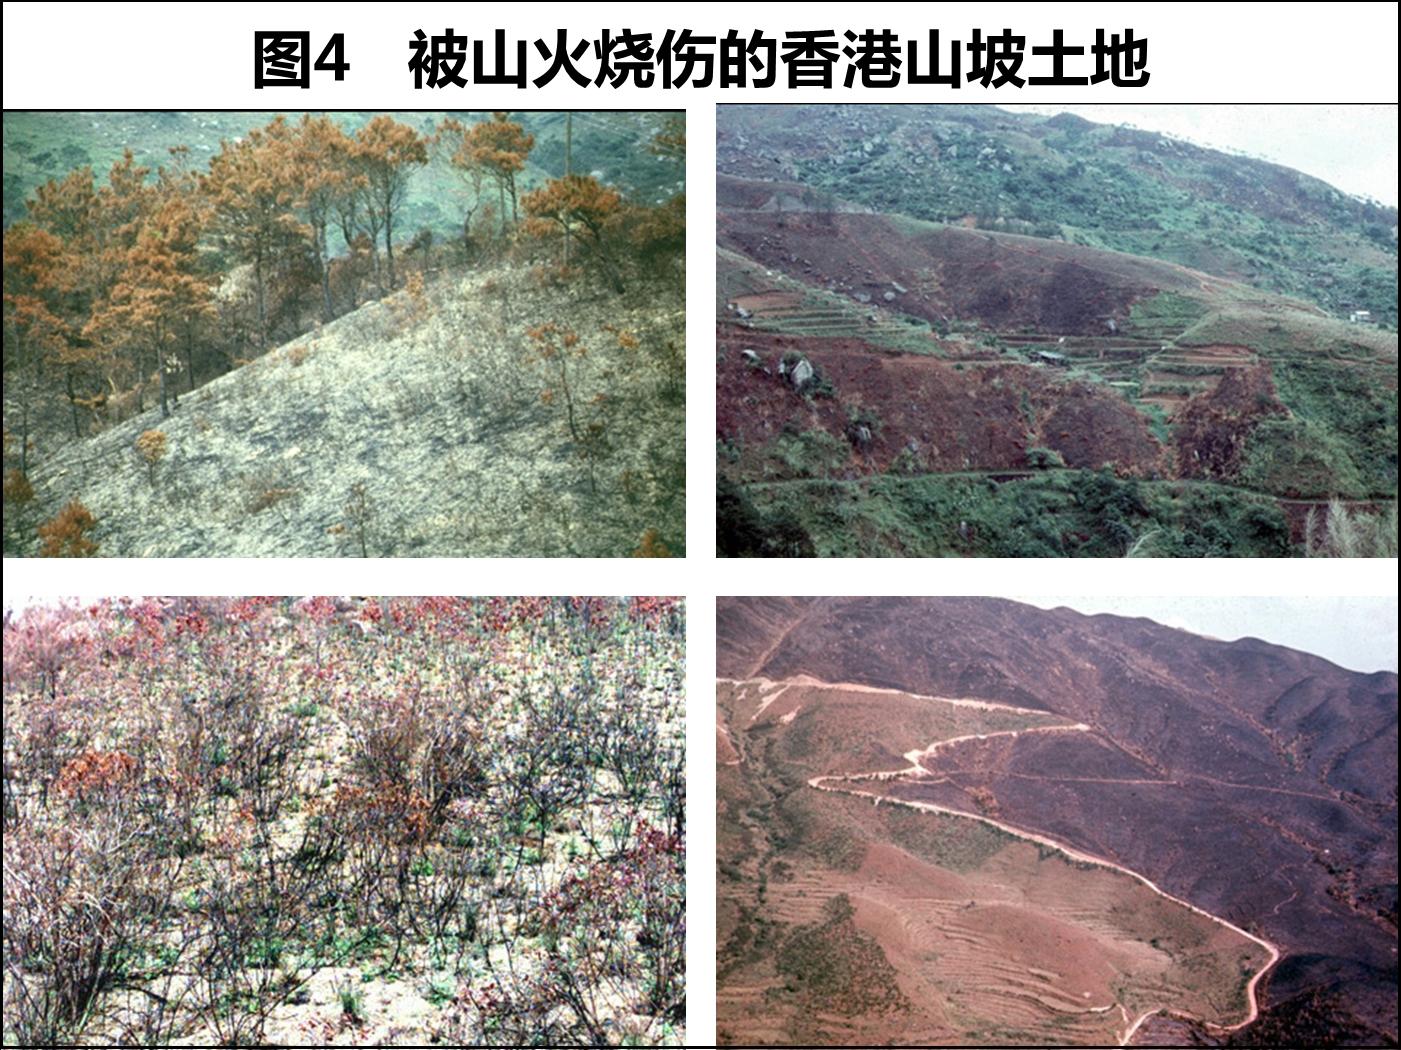 Hill-fire04.jpg